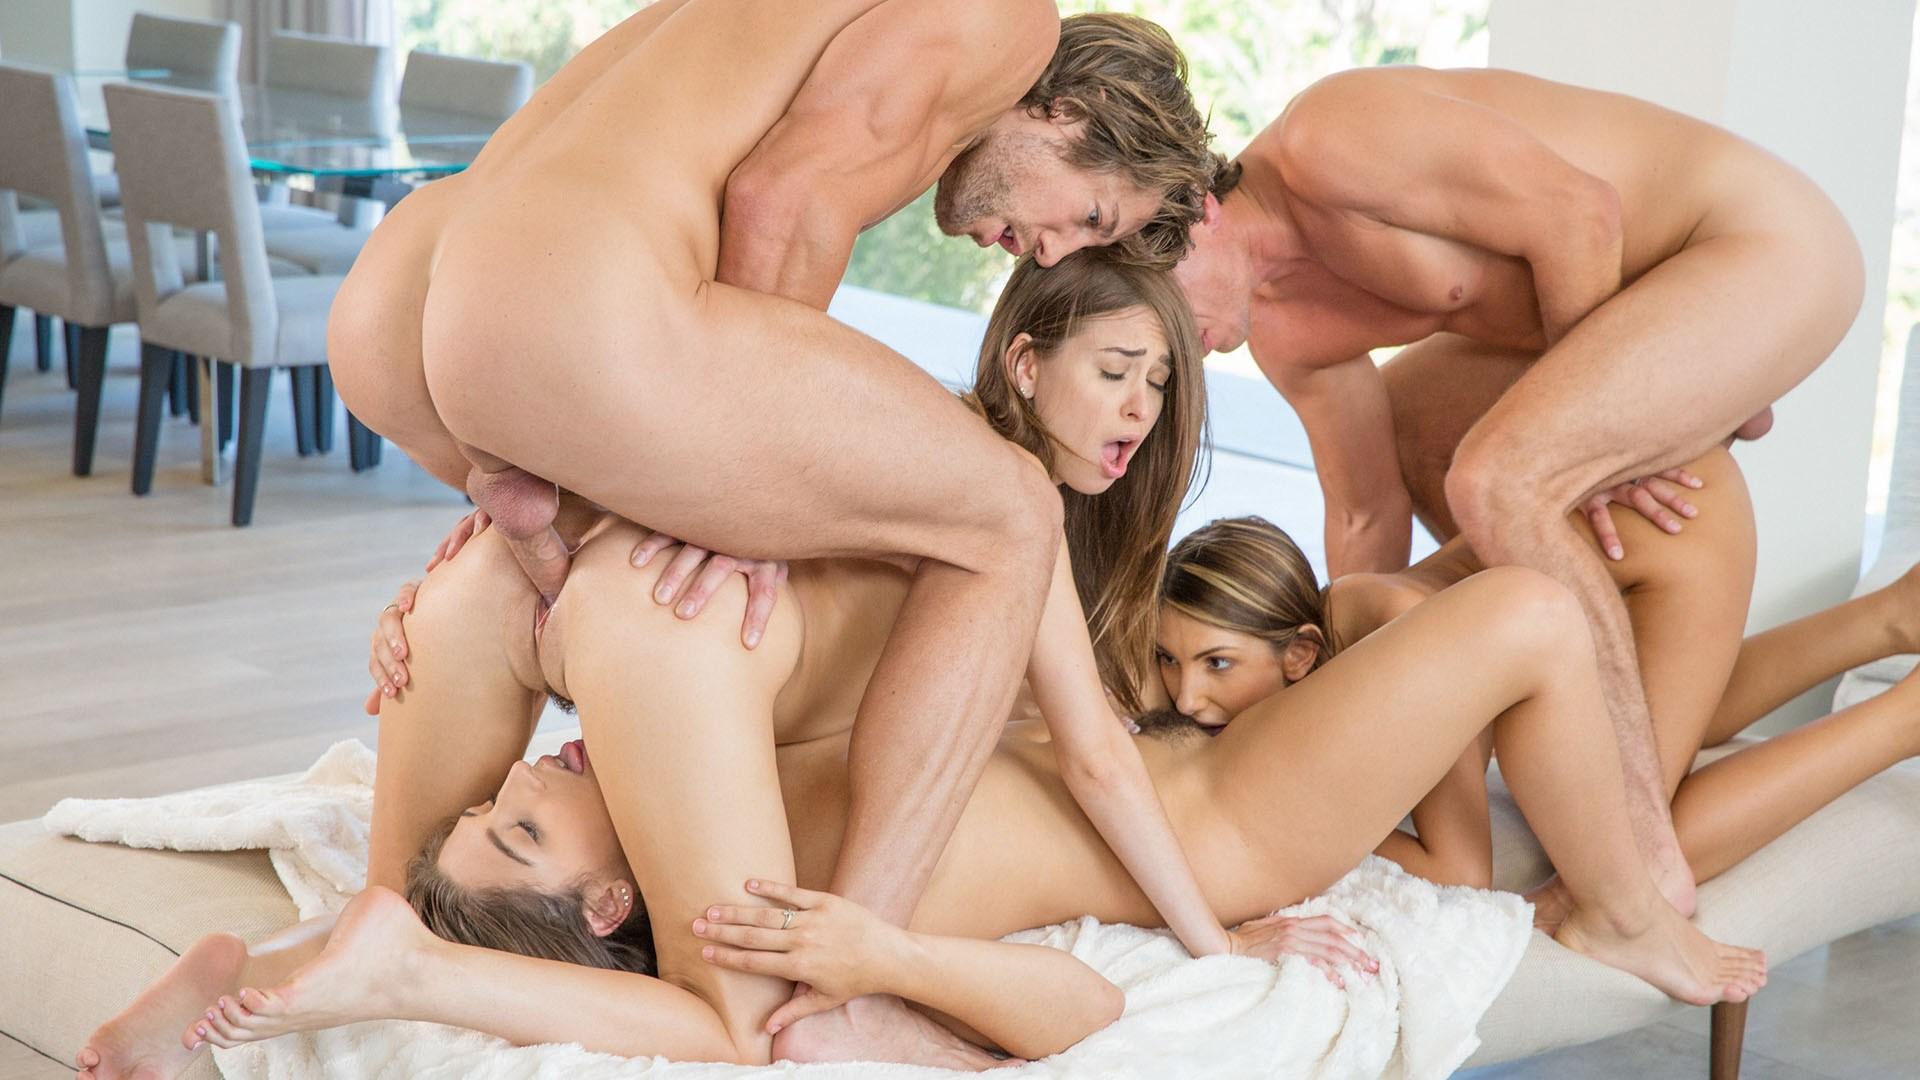 много смотреть онлайн фильм групповой секс порно фотографии можно